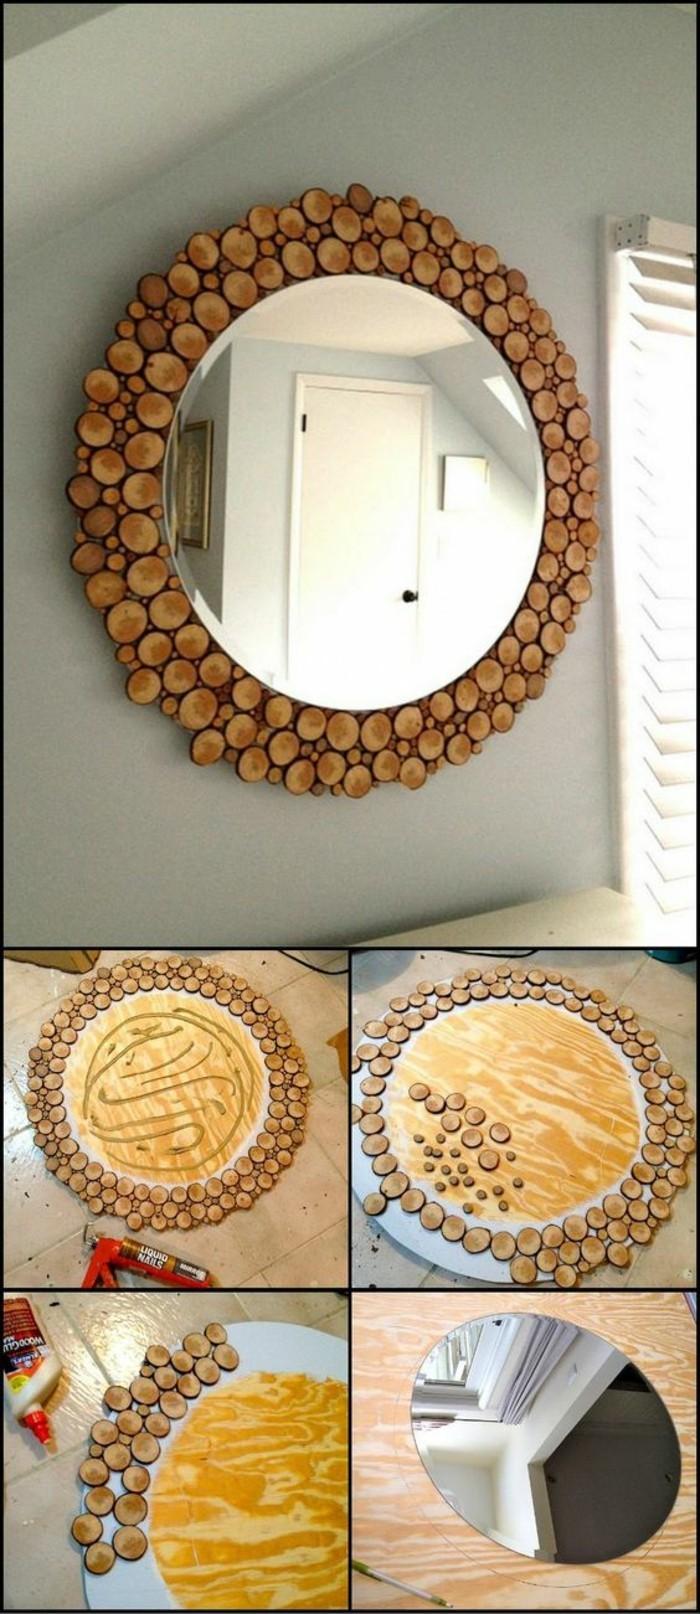 Decorazioni specchio con legno, specchio per il muro